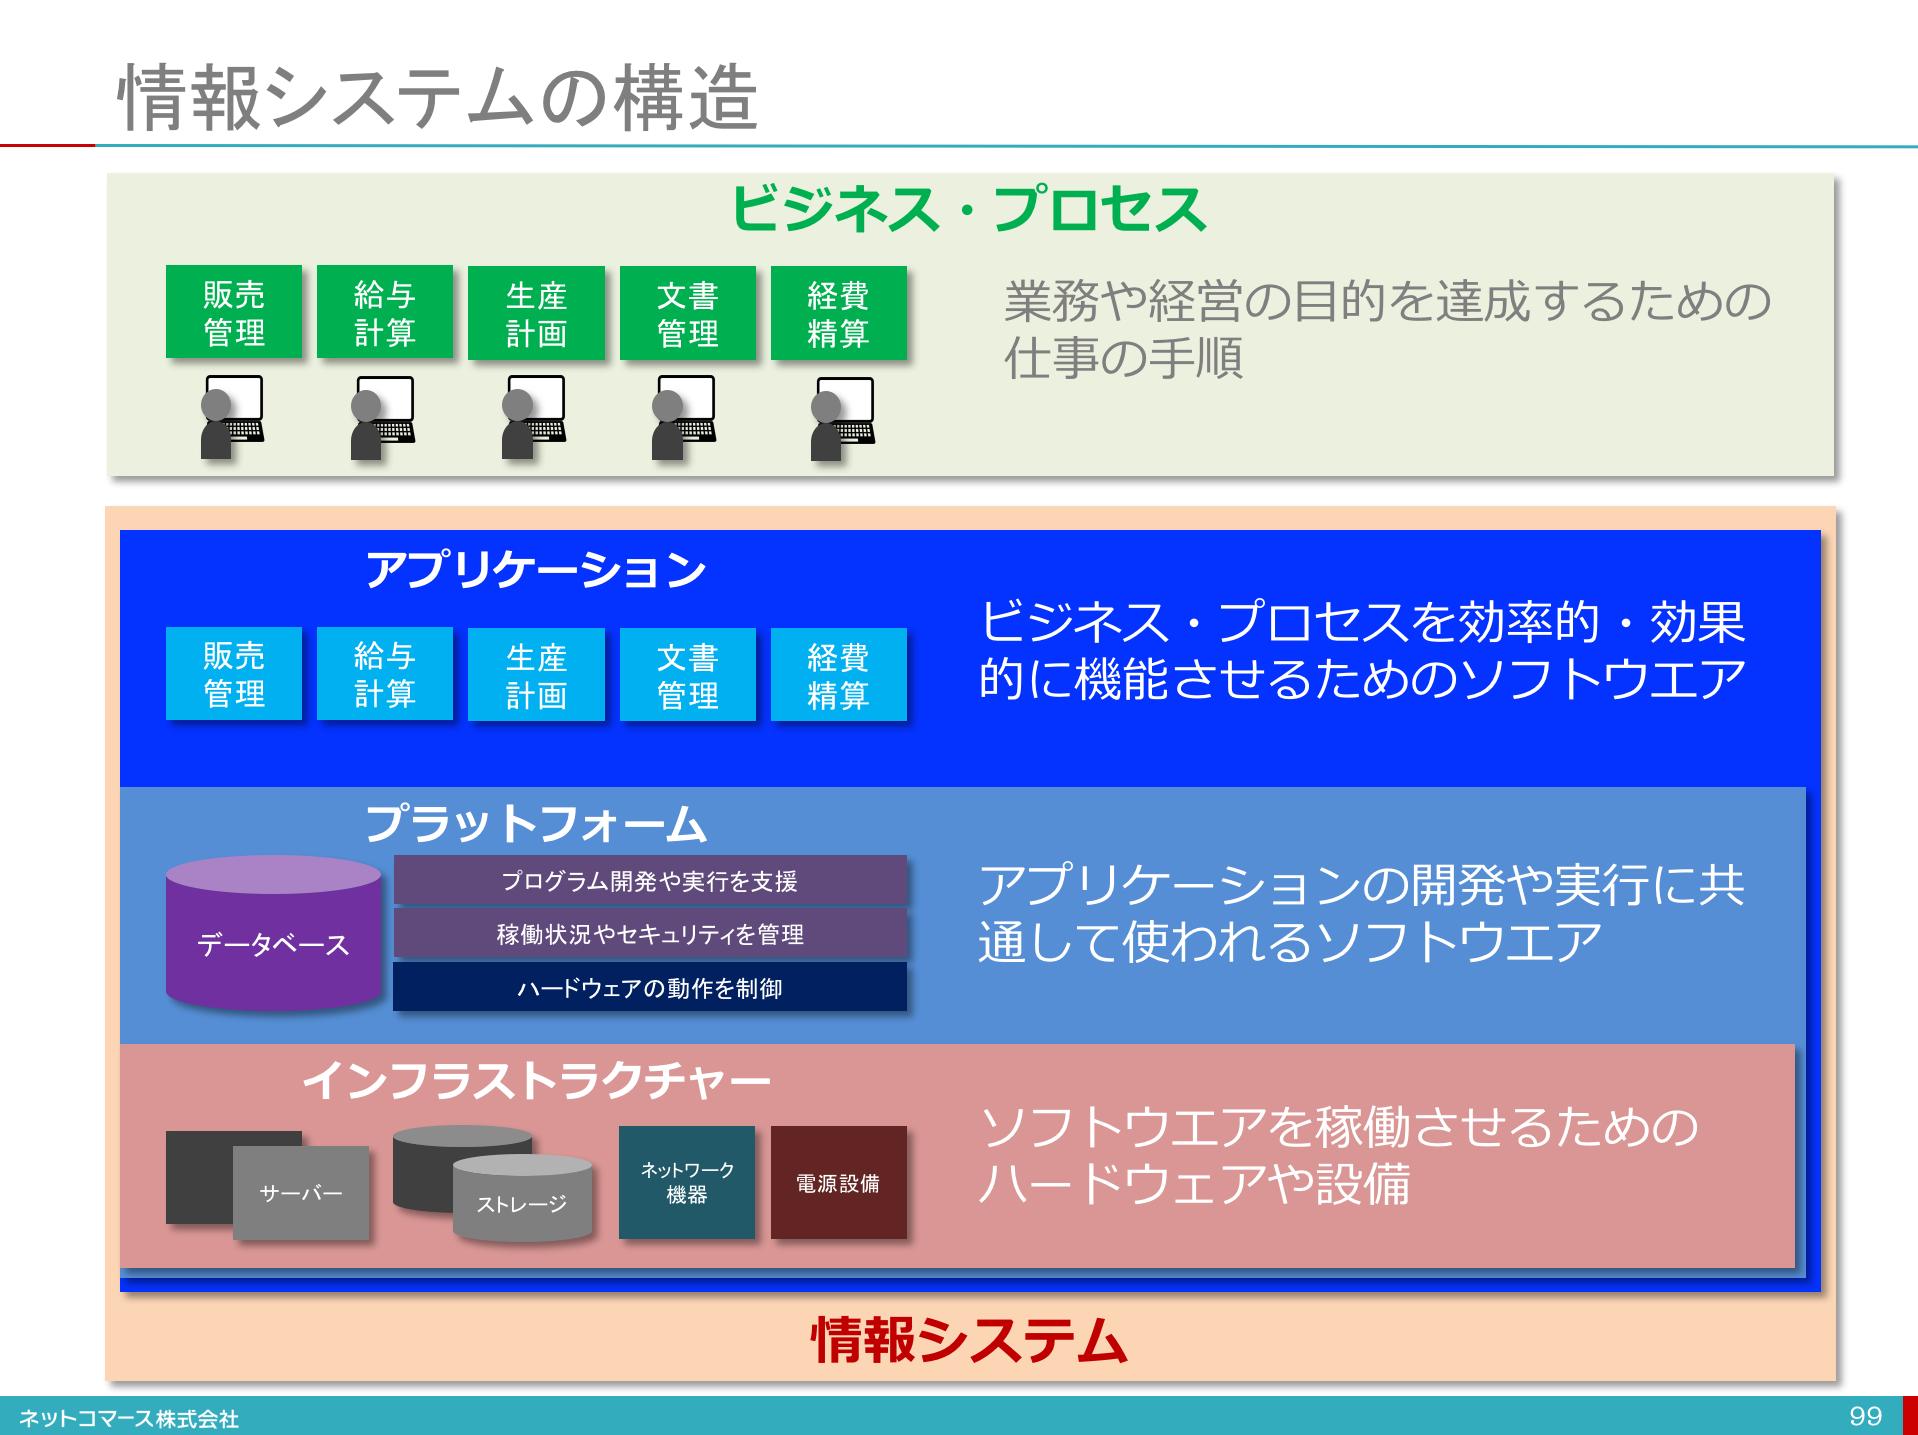 安川情報システム:社長に遠藤氏 - 毎日新聞